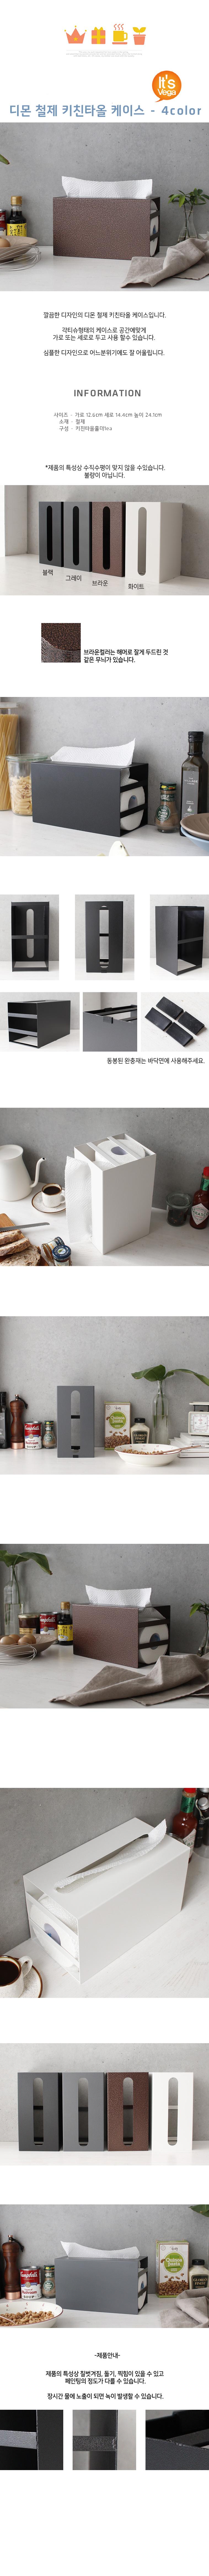 국내산 디몬 철제 키친타올 케이스 - 4color - 베가, 24,000원, 주방정리용품, 키친타올걸이